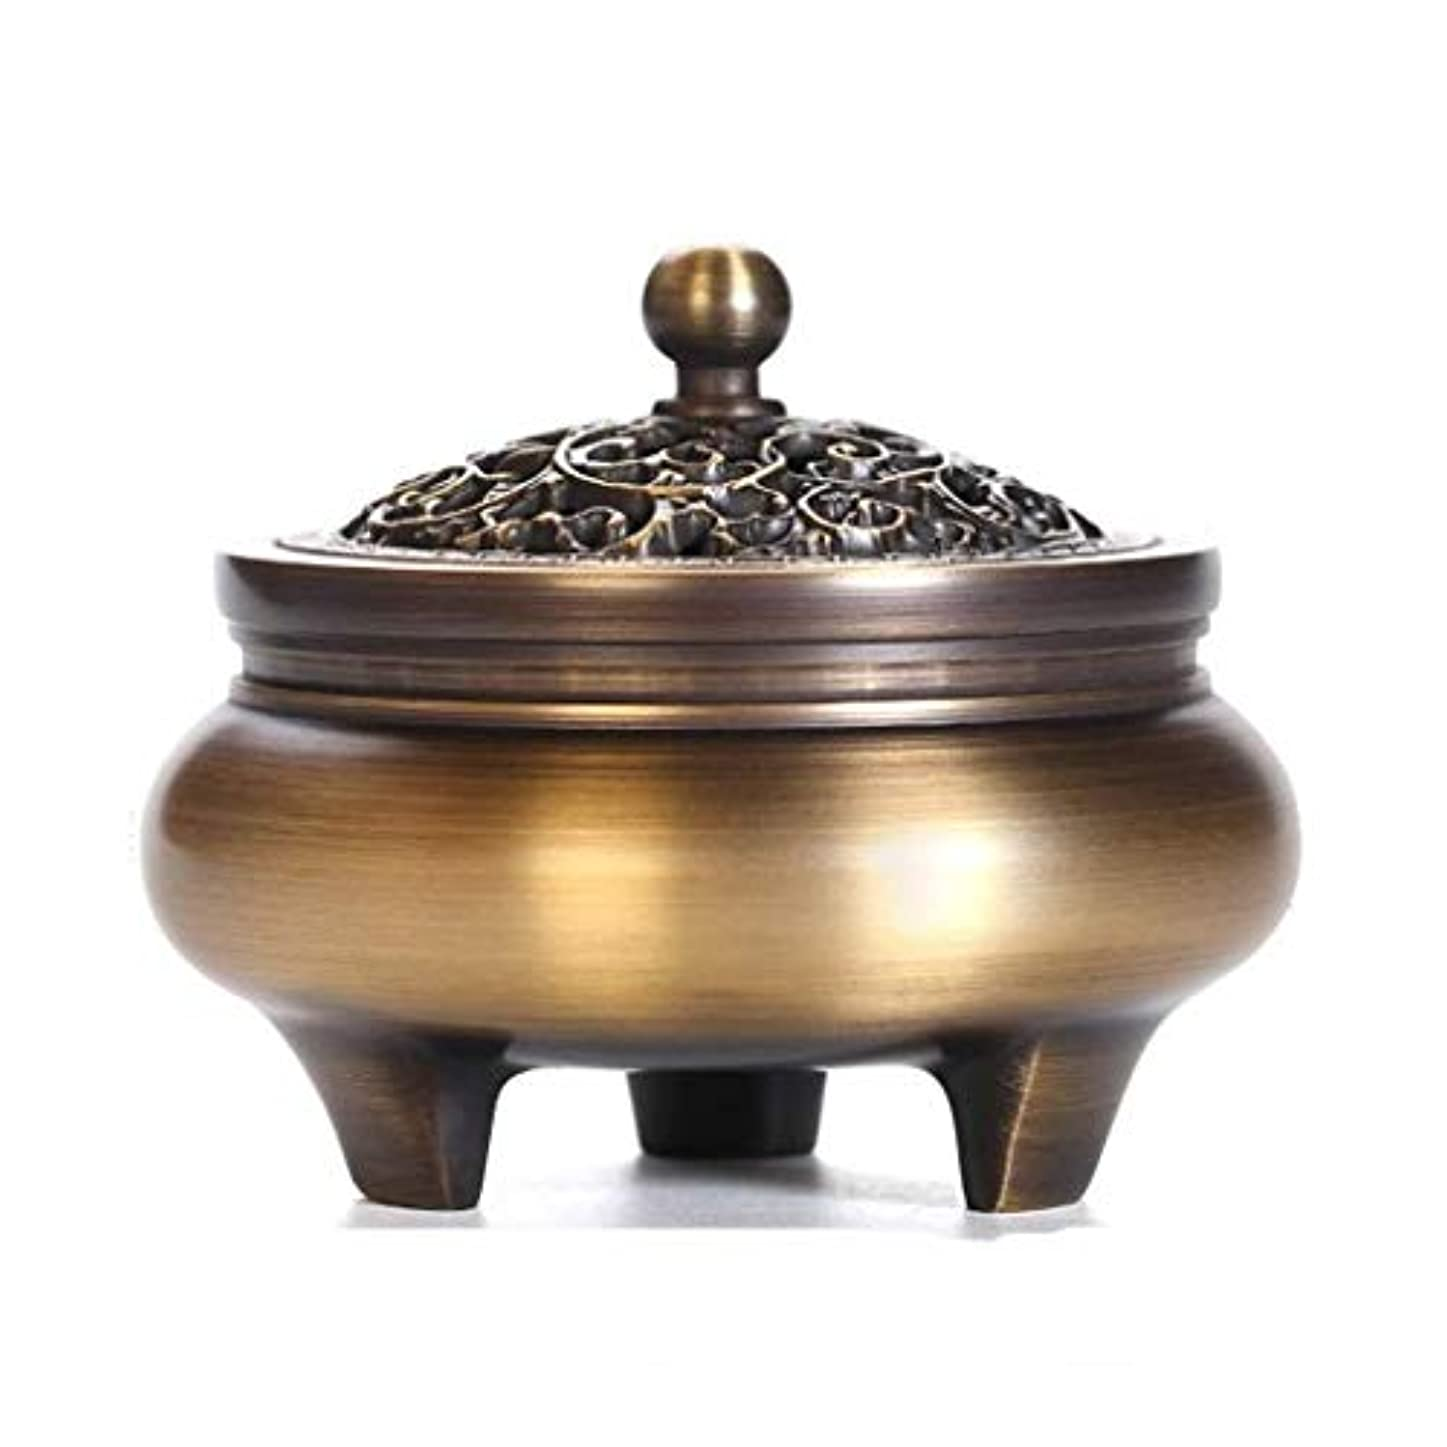 くしゃみシャベル必要としている芳香器?アロマバーナー 純粋な銅三脚家庭用香炉プロセス香バーナーホーム屋内アロマセラピー炉の装飾 アロマバーナー芳香器 (Color : Brass)